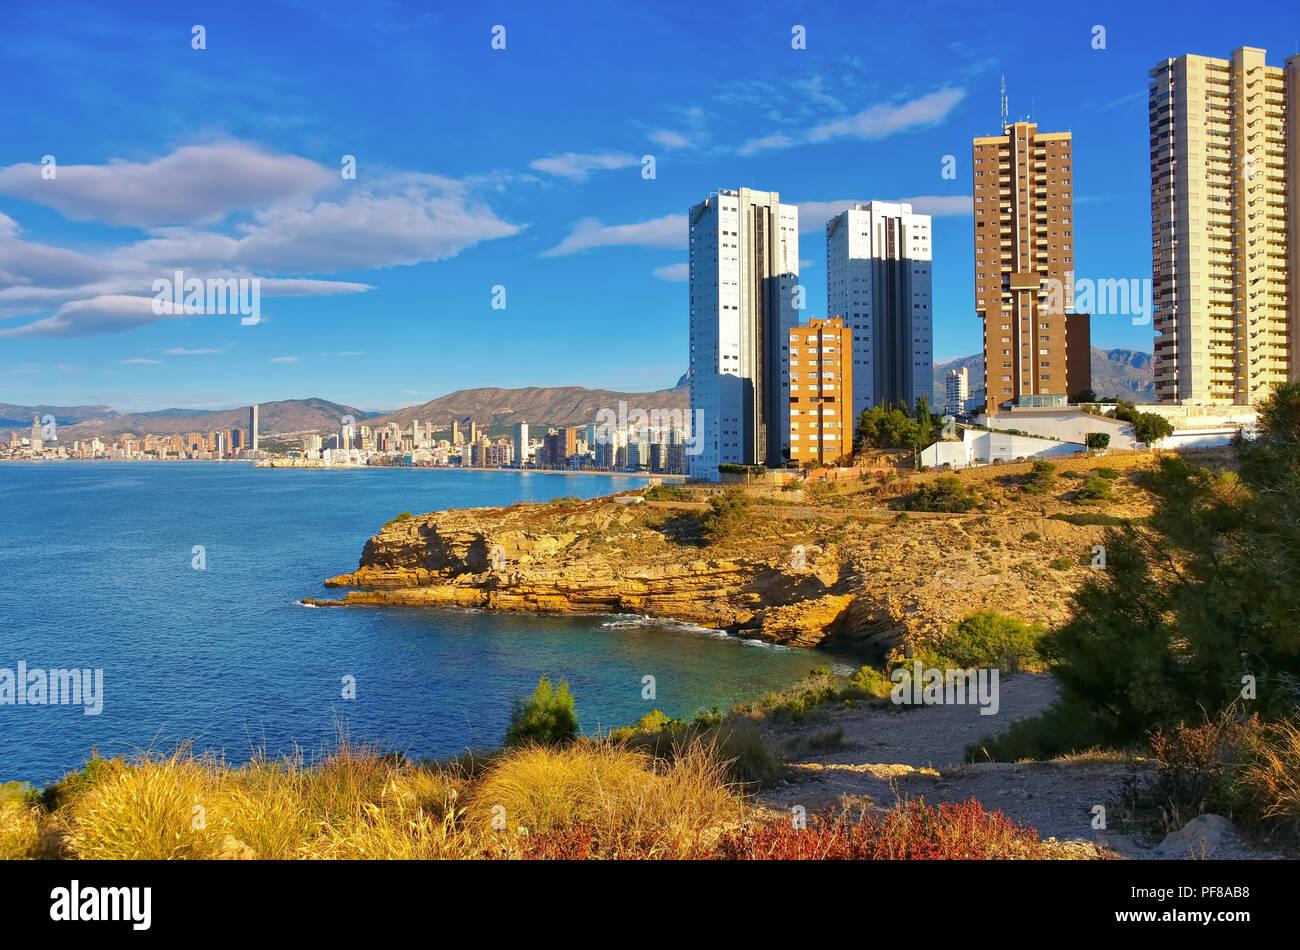 Hochhäuser und Strand in Benidorm, Costa Blanca, Spanien - waterfront skyscrapers and beach in Benidorm, Costa Blanca, Spain Stock Photo